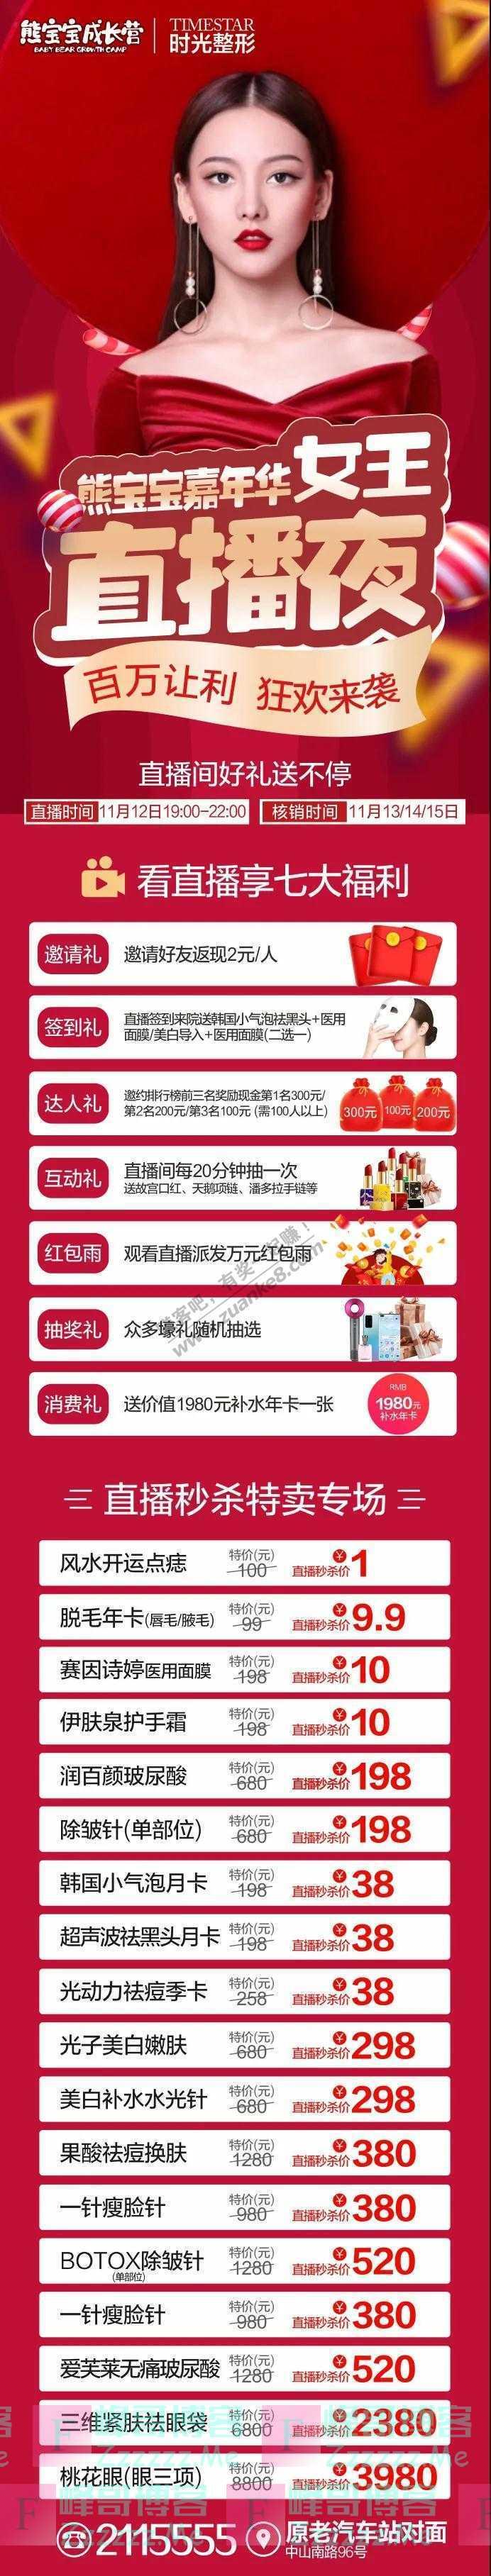 桂林熊宝宝成长营时光整形11.12熊宝宝女王嘉年华直播夜(截止11月12日)